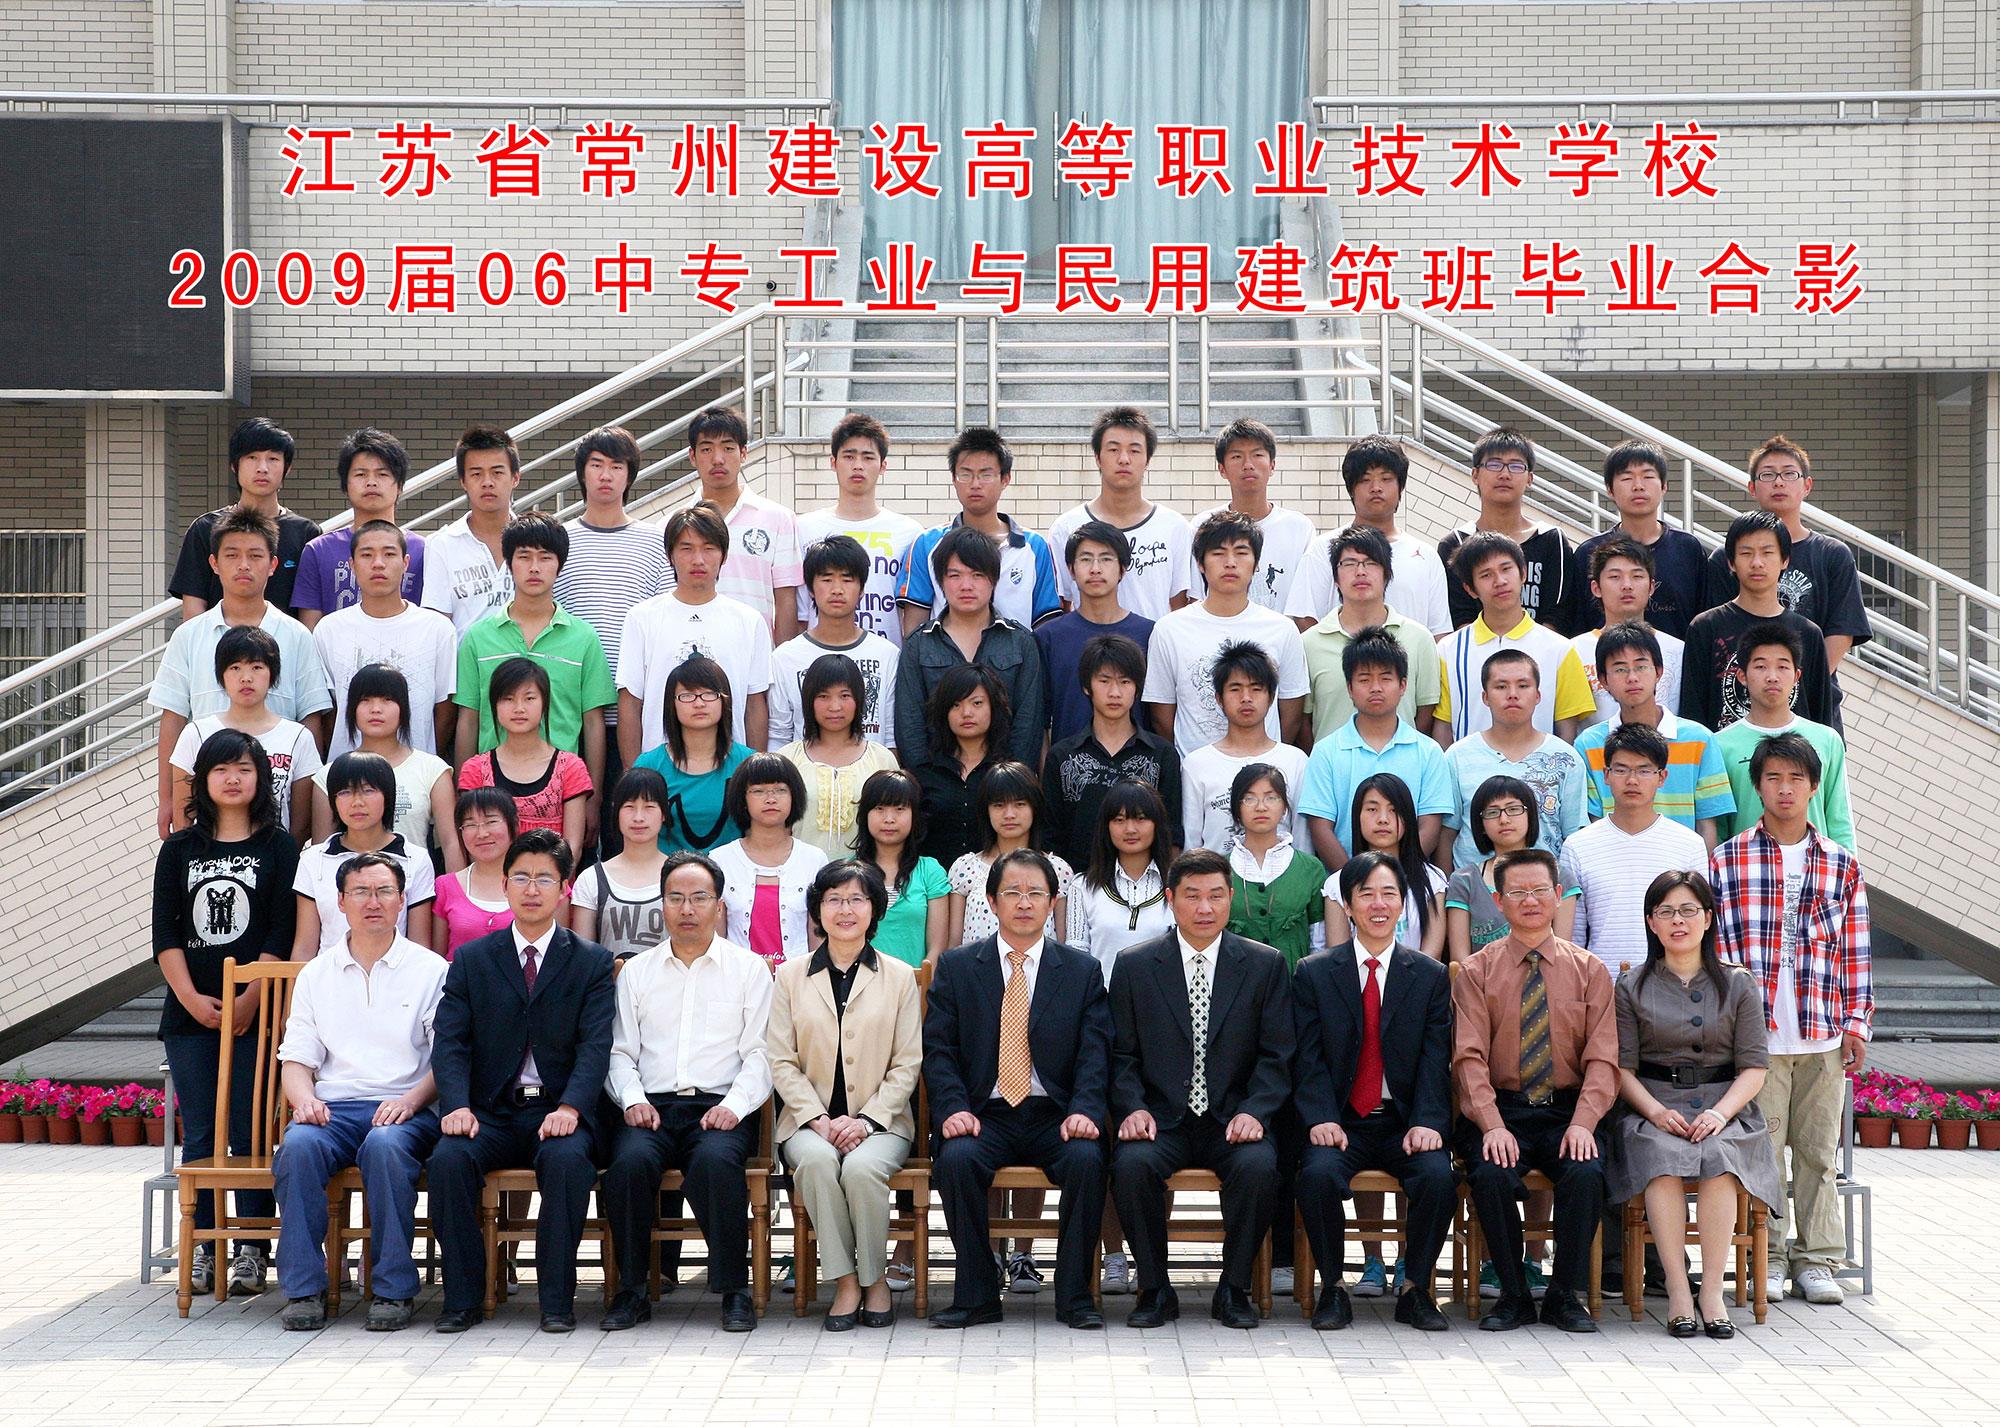 2009届06中专工业与民用建筑班毕...